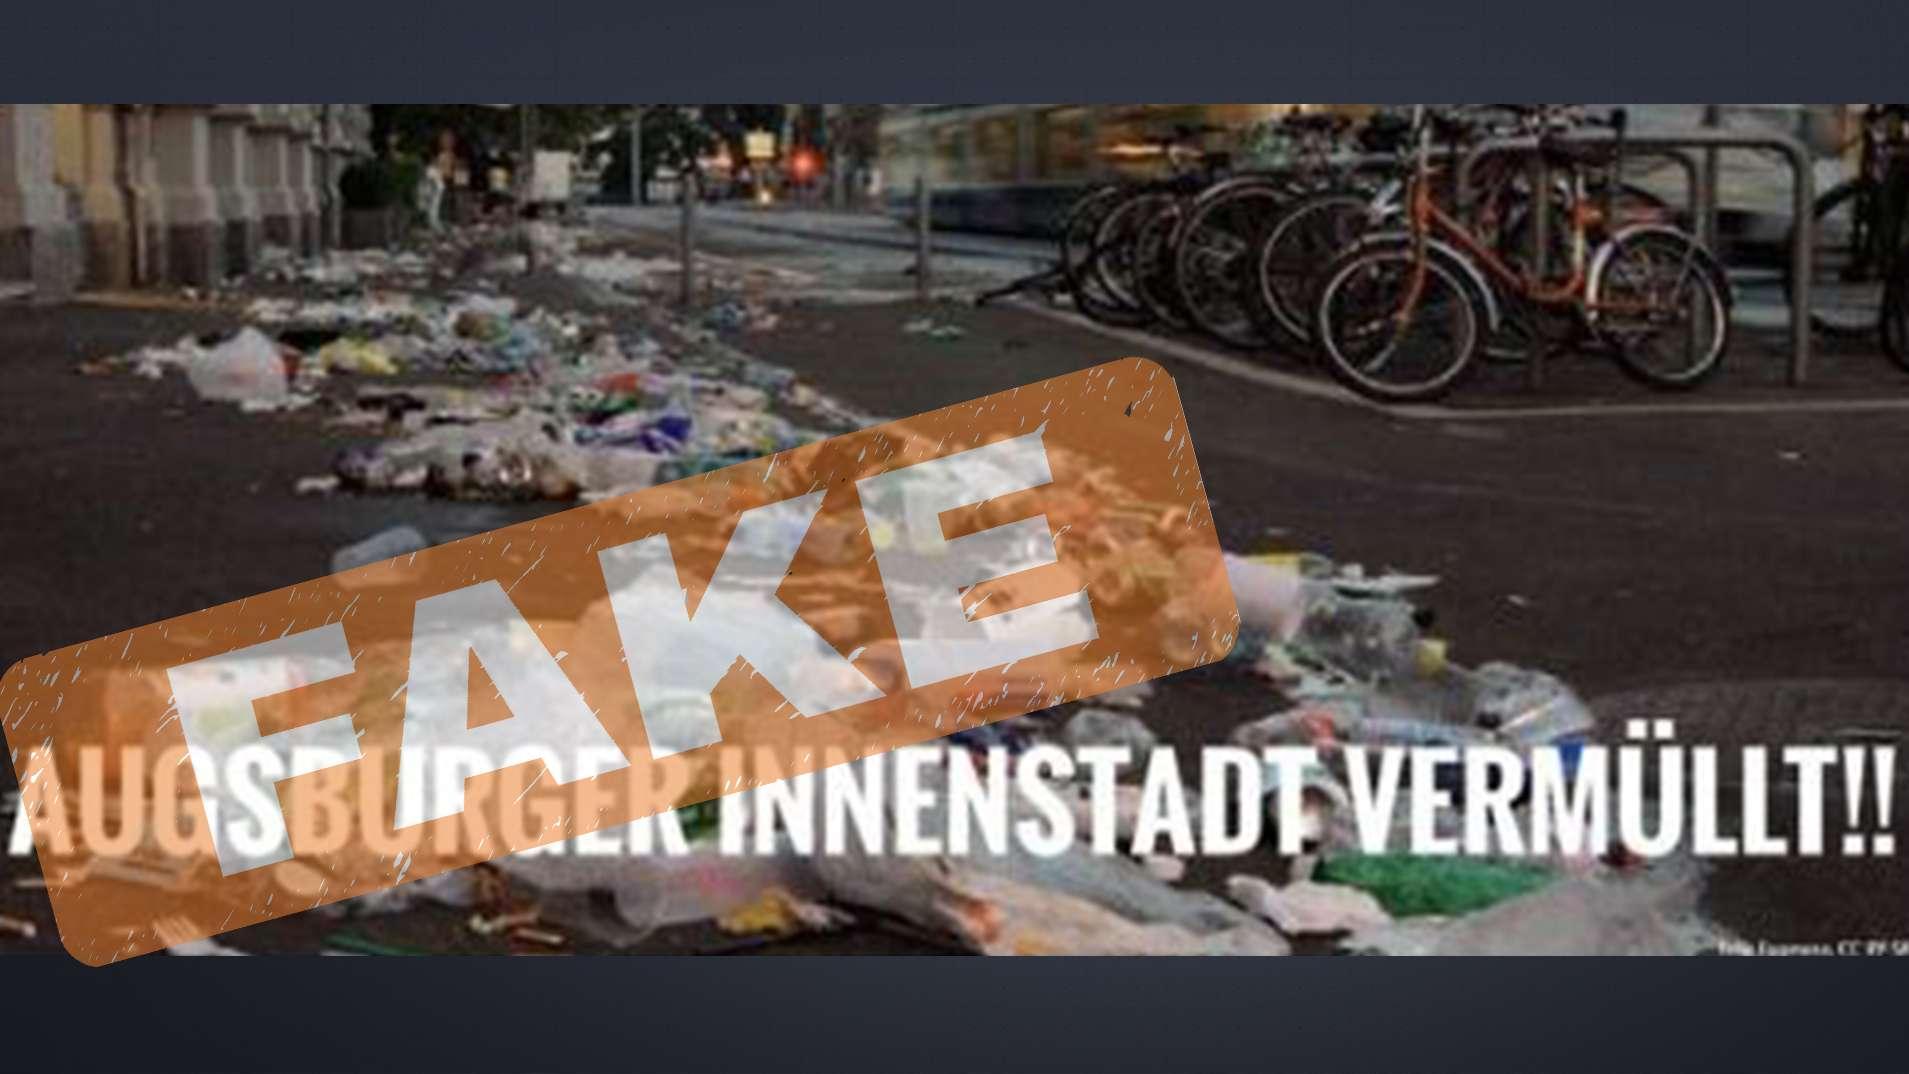 """Ausschnitt aus einem Twitter-Post zu angeblichem Müll in Augsburg.  Das """"Fake""""-Zeichen wurde gegen eine missbräuchliche Weiterverbreitung eingefügt."""